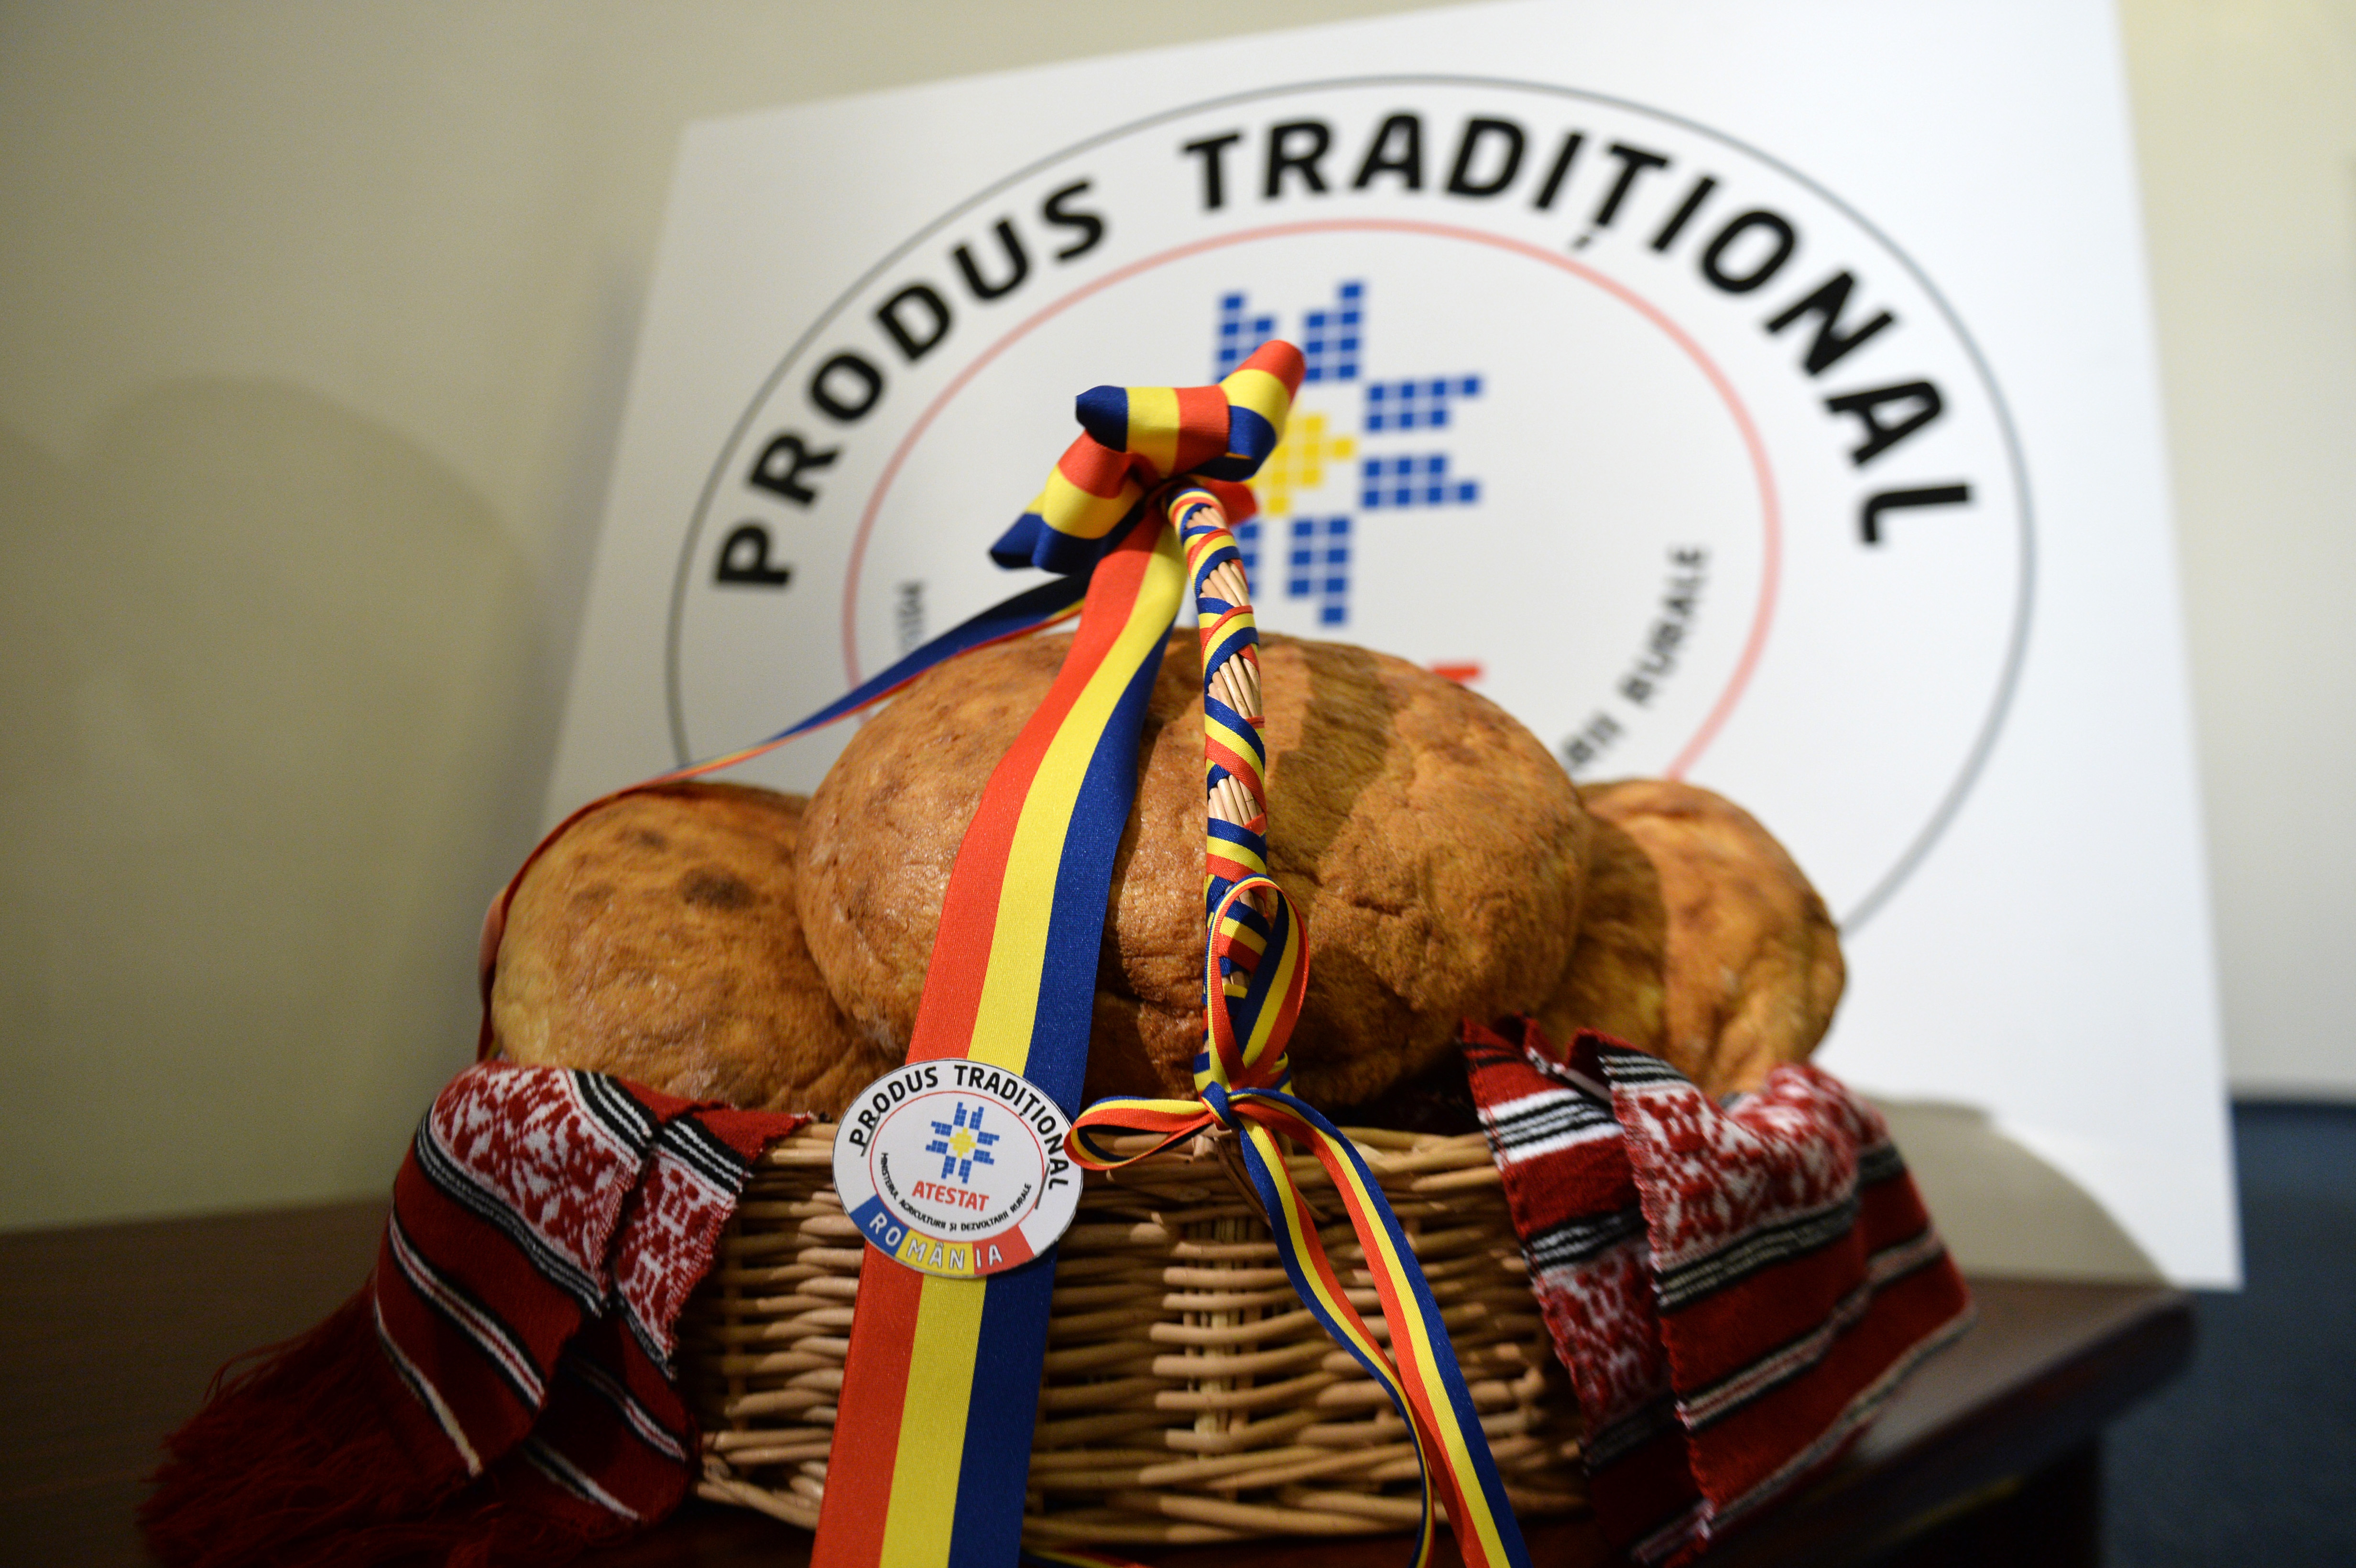 De la tradiţională românească la naan. Cu pâinea în jurul lumii